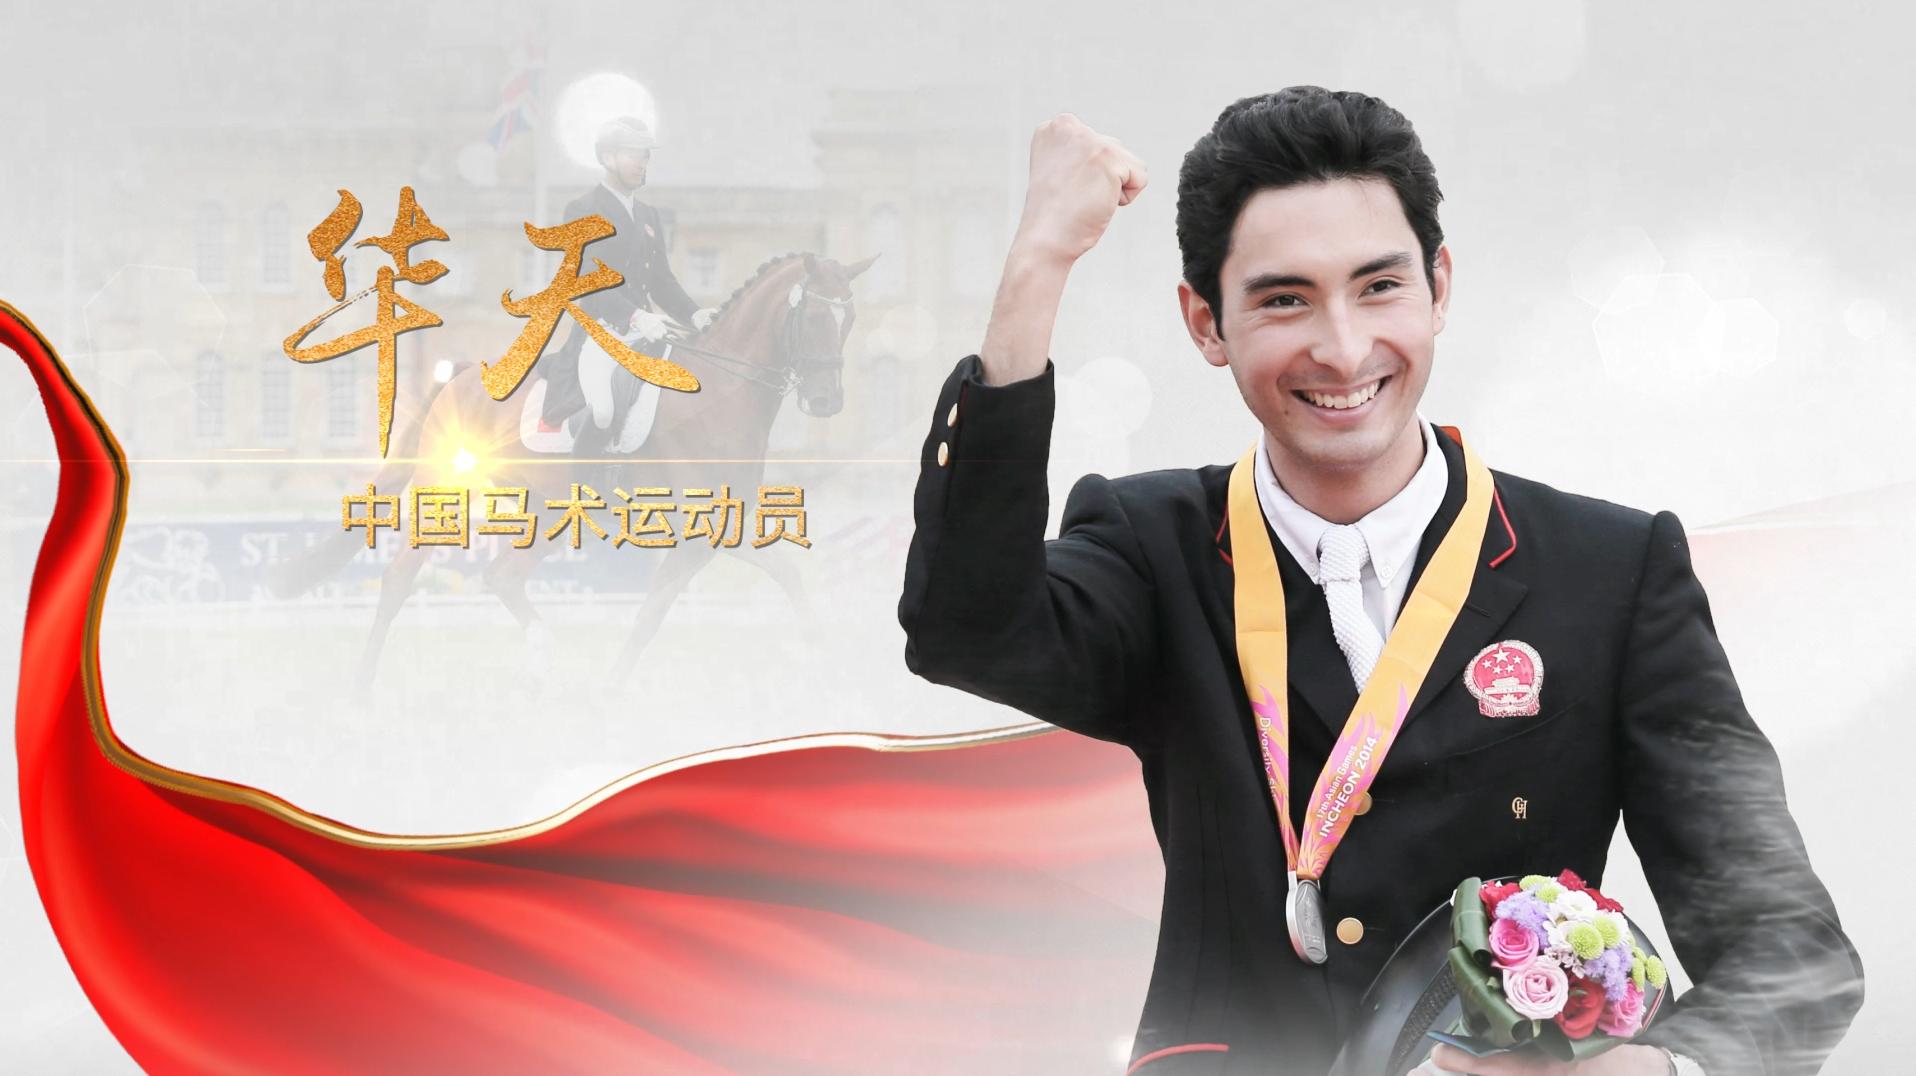 《讲述·中国故事》第三集——中国马术运动员华天